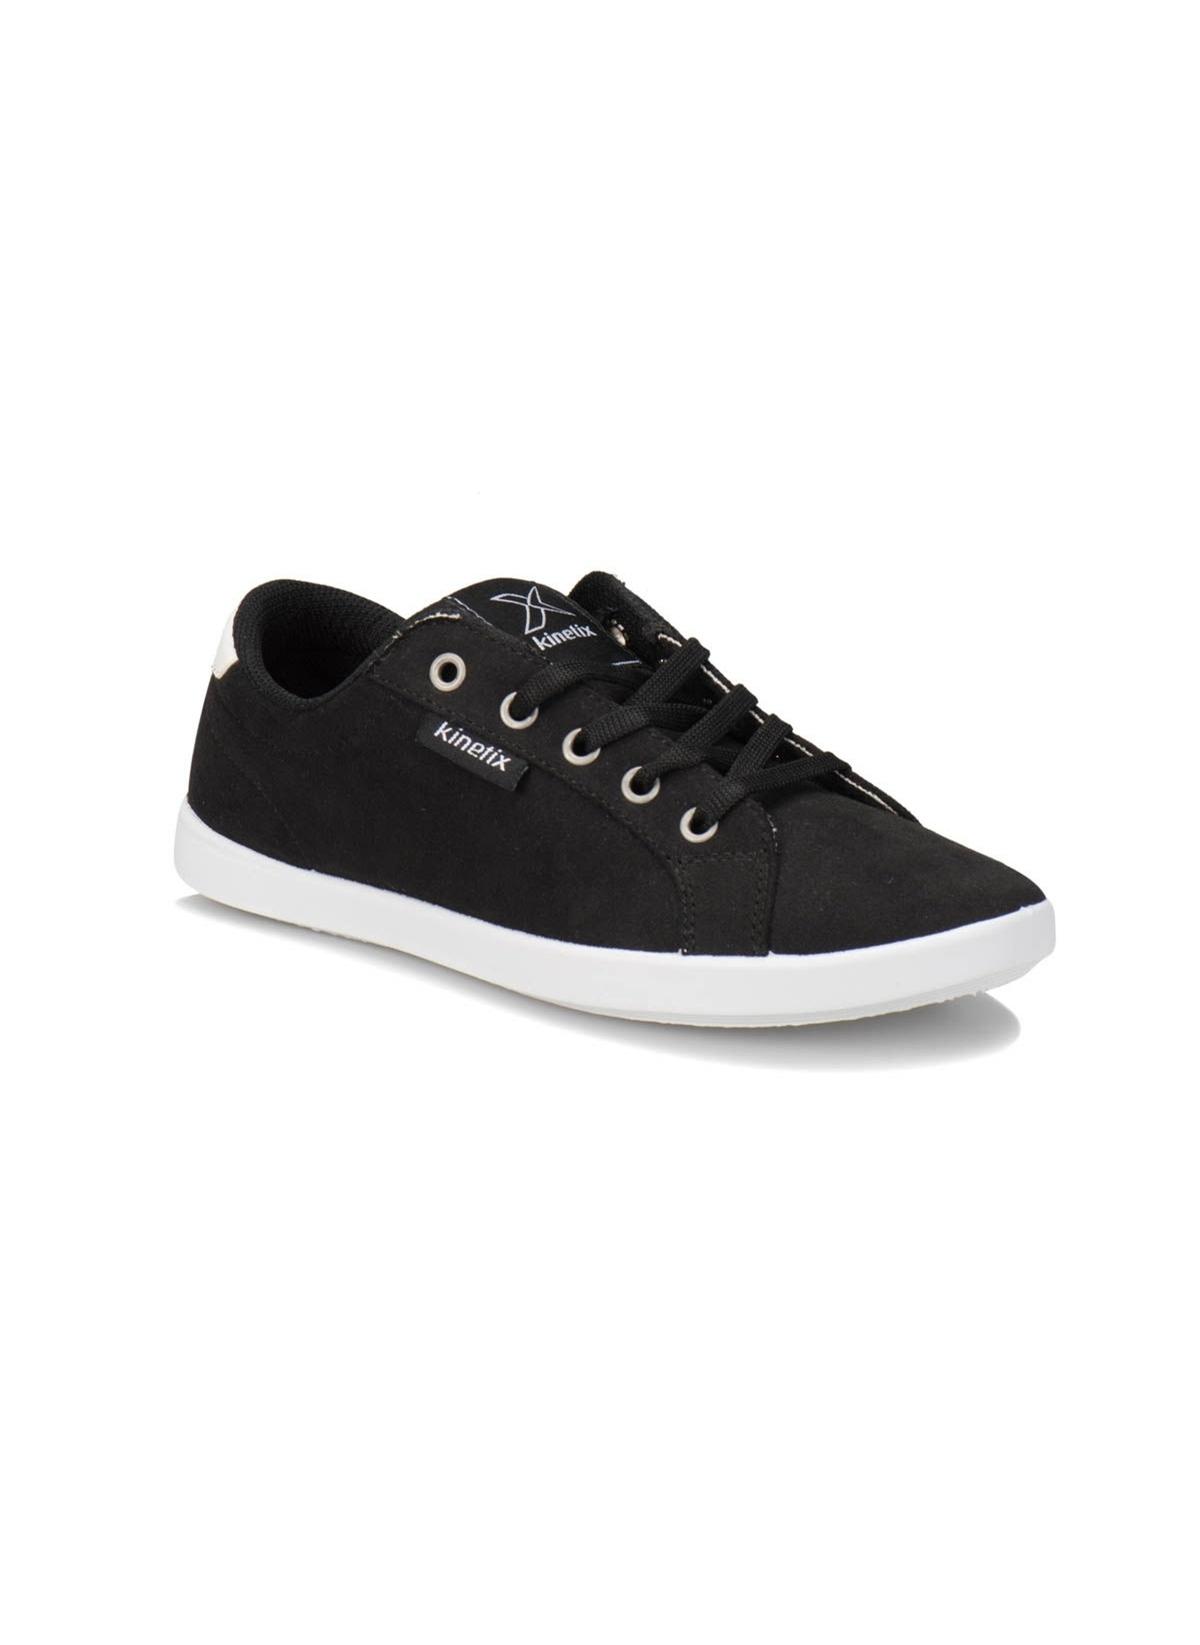 Kinetix Sneakers Ferry S Sneaker – 44.59 TL